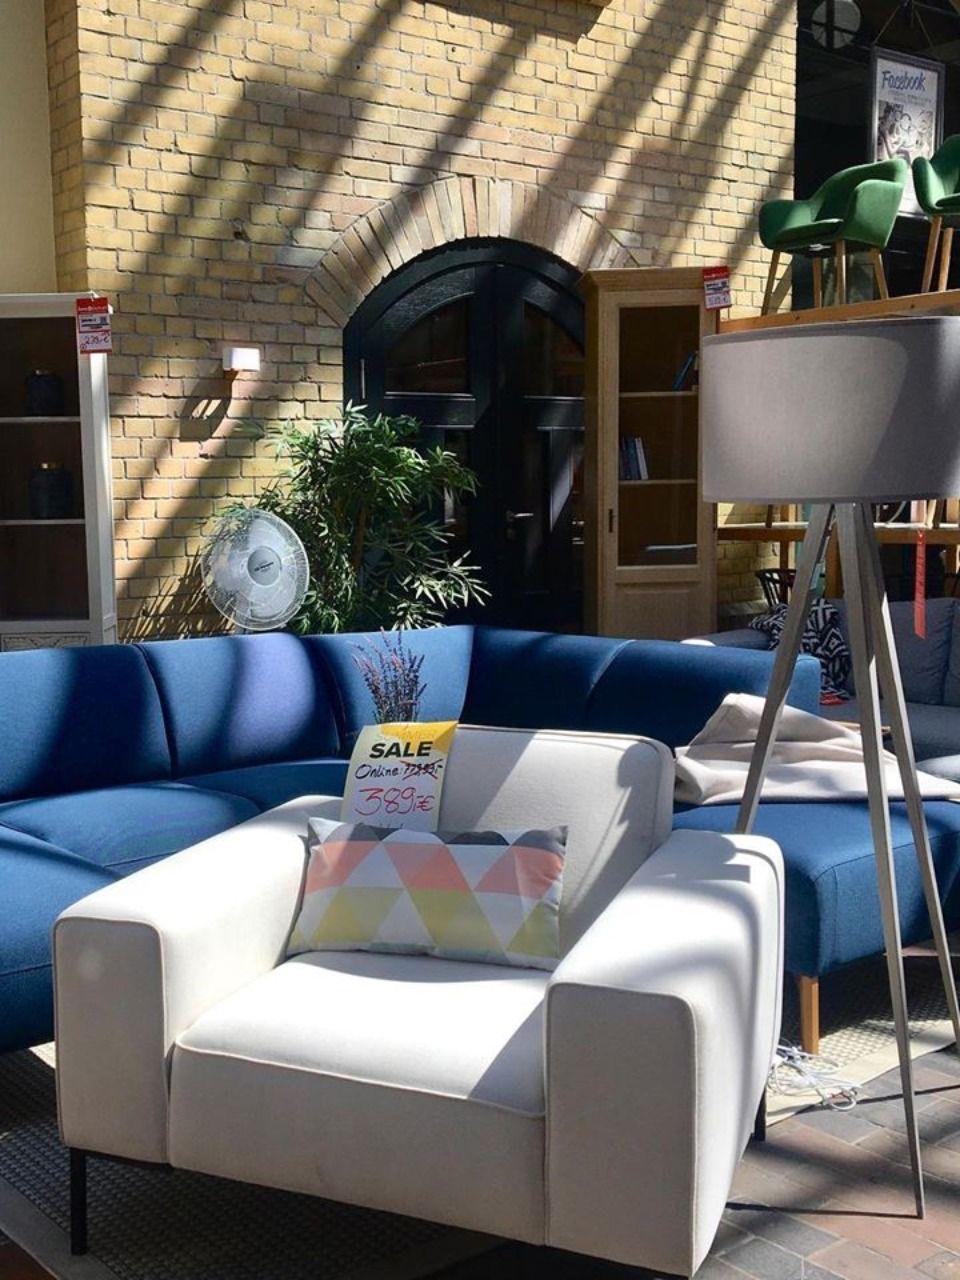 Skandinavisch Modern Wohnzimmer Interior Home24 Outlet Skandinavisch Modern Outlet Store